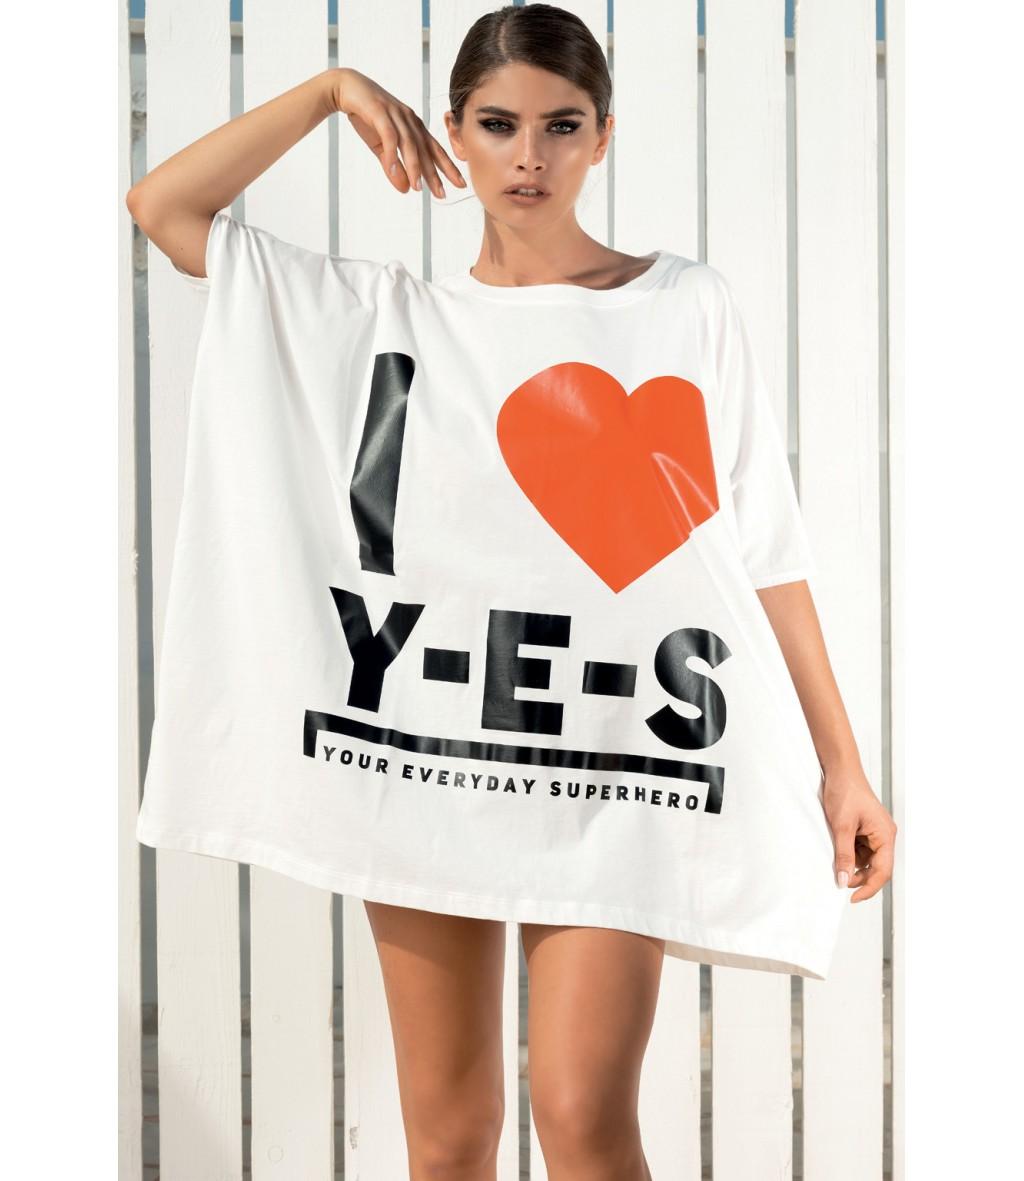 Il mini abito oversize in cotone con cuore rosso e logo Yes Your Everyday Superhero.